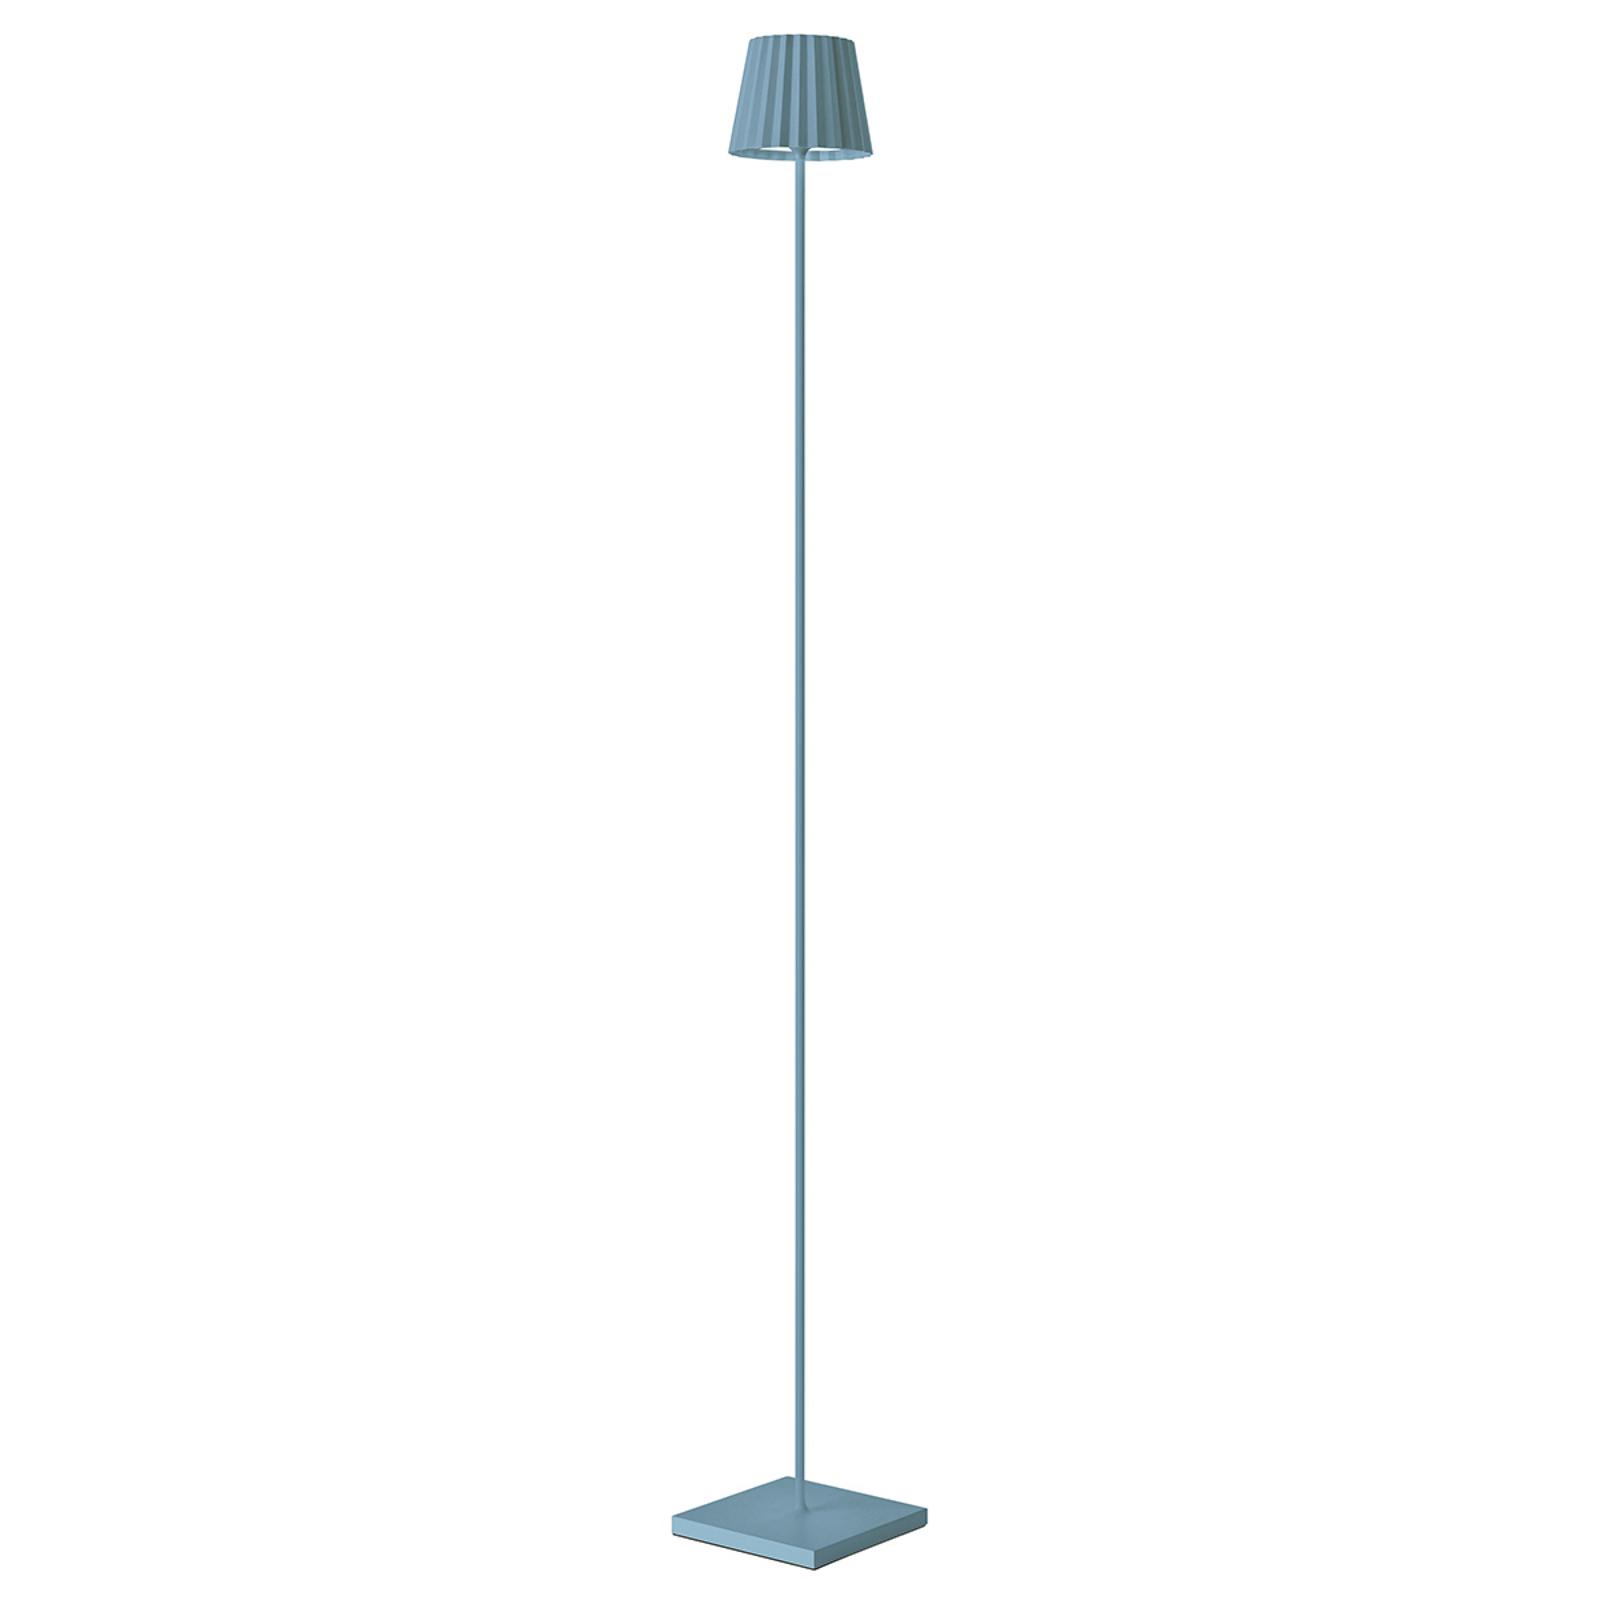 LED-Stehleuchte Troll für außen, blau